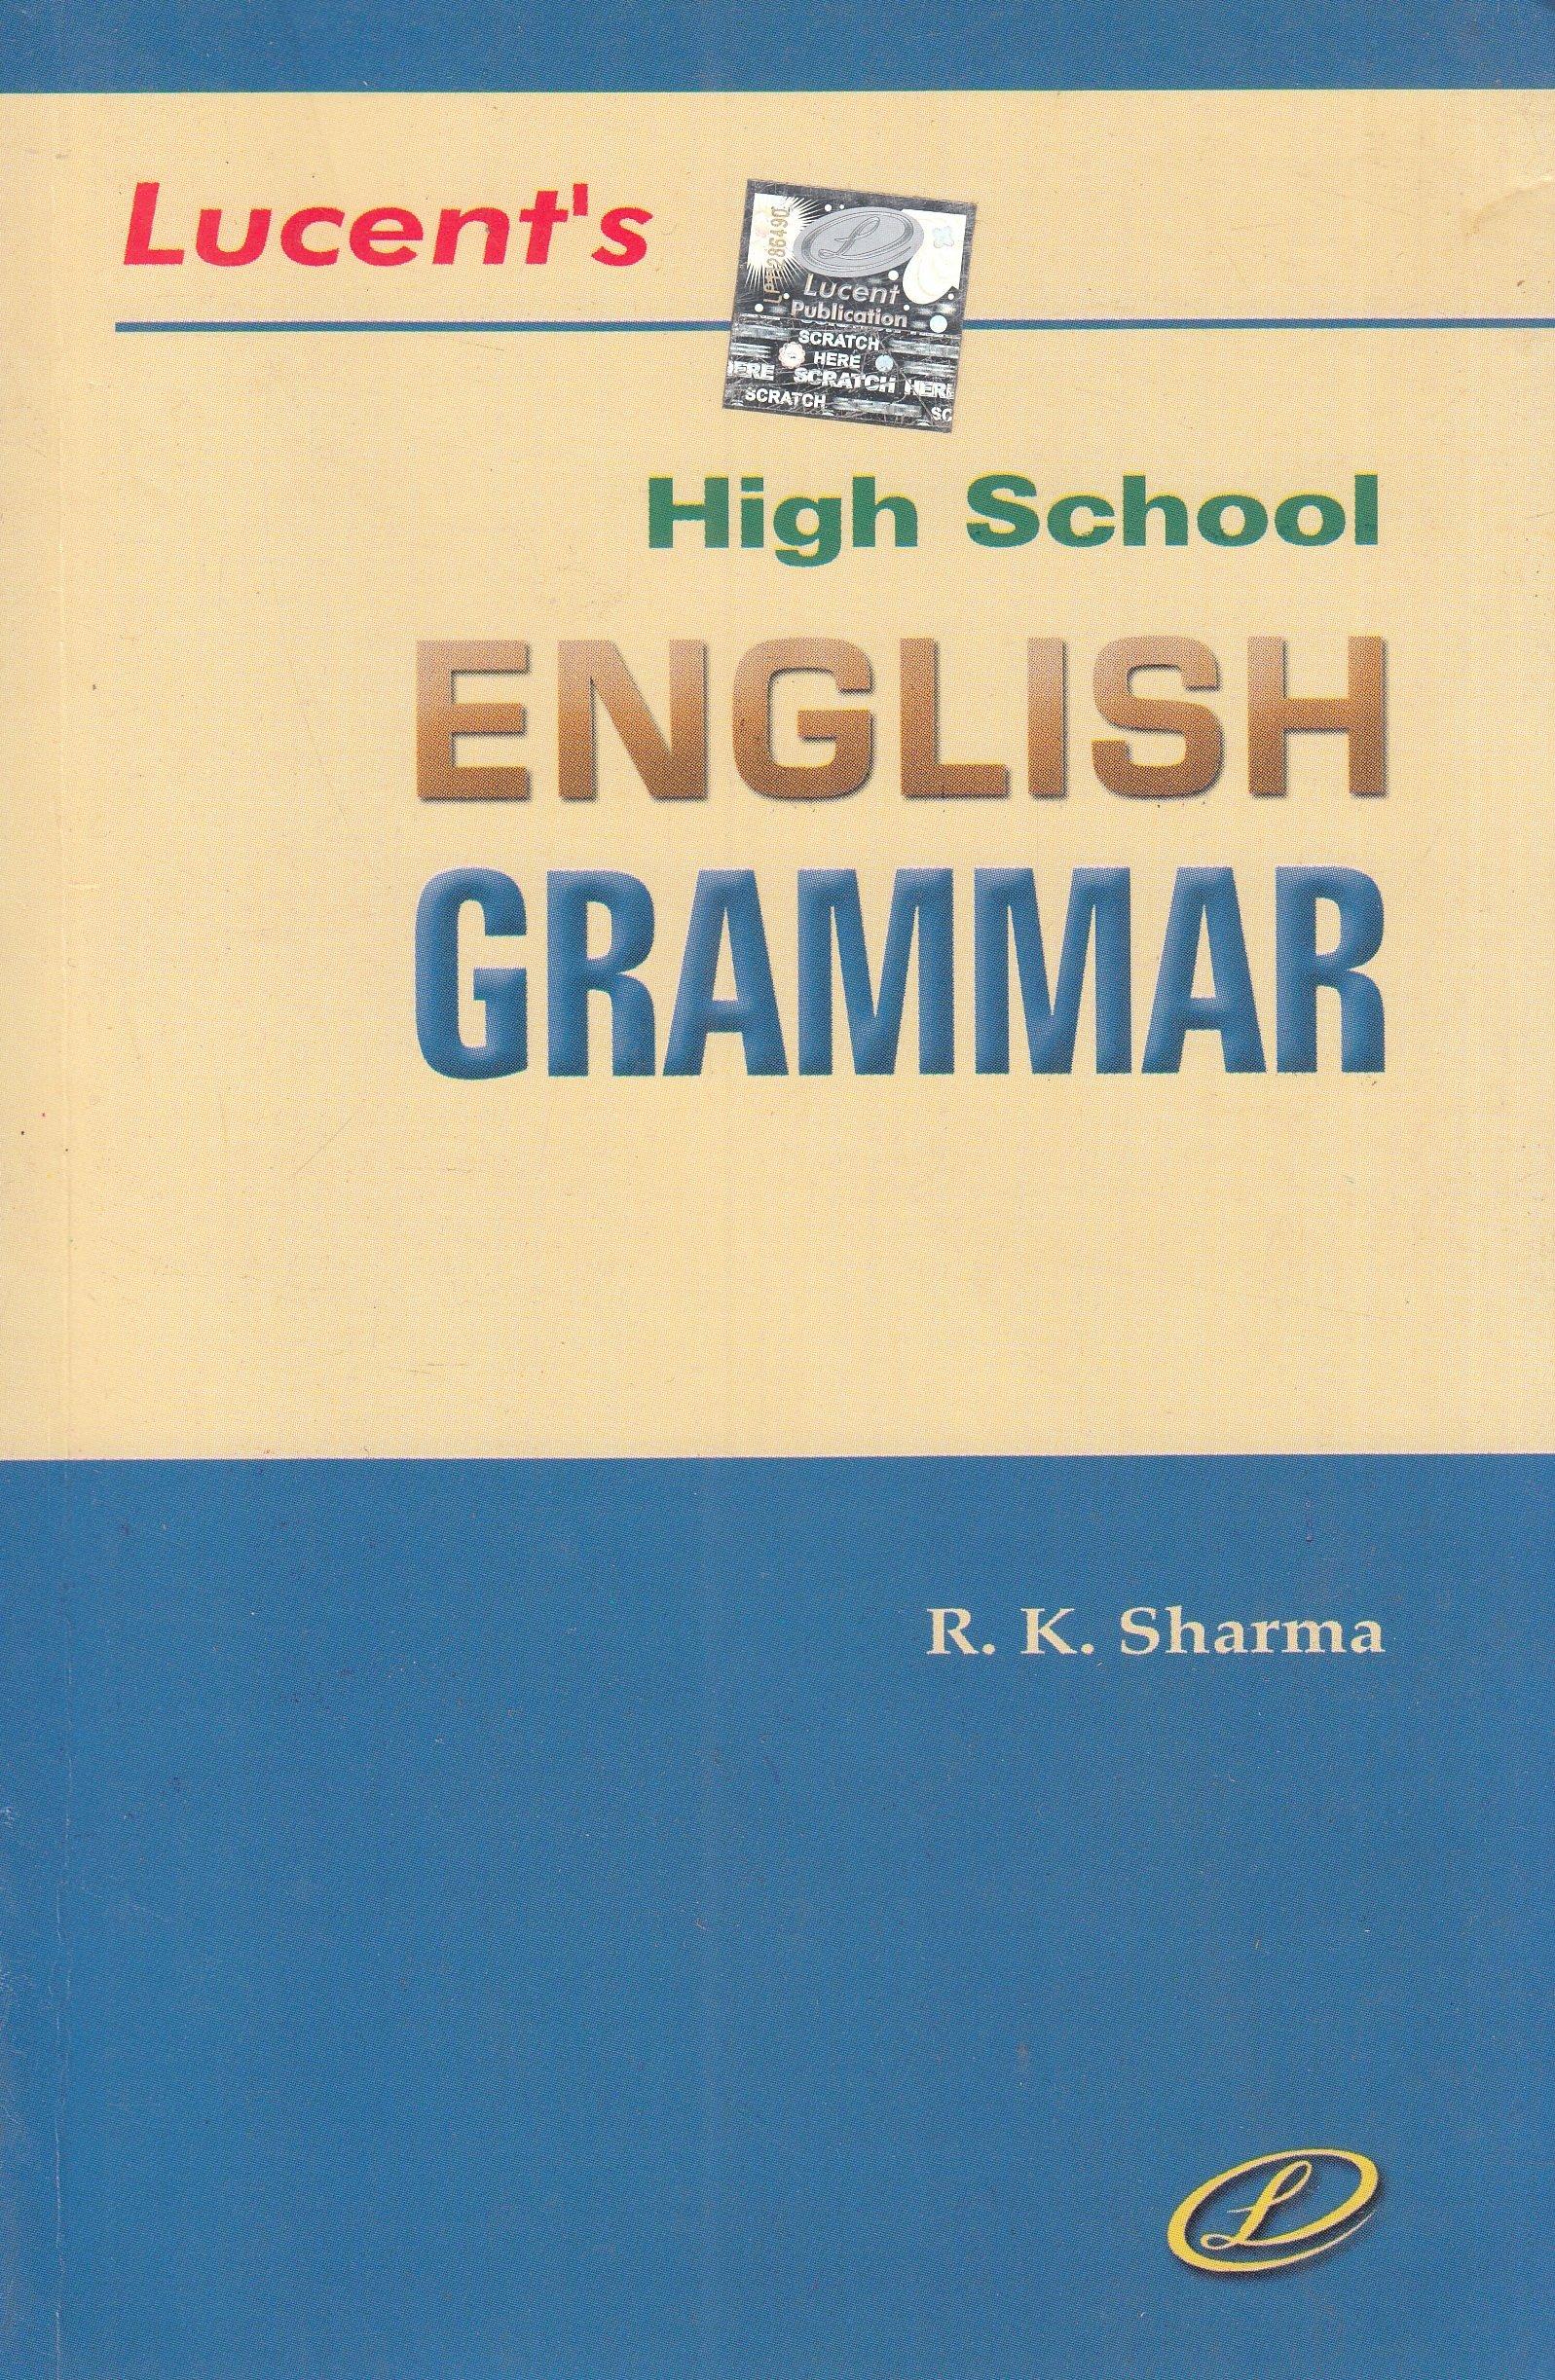 lucent english grammar